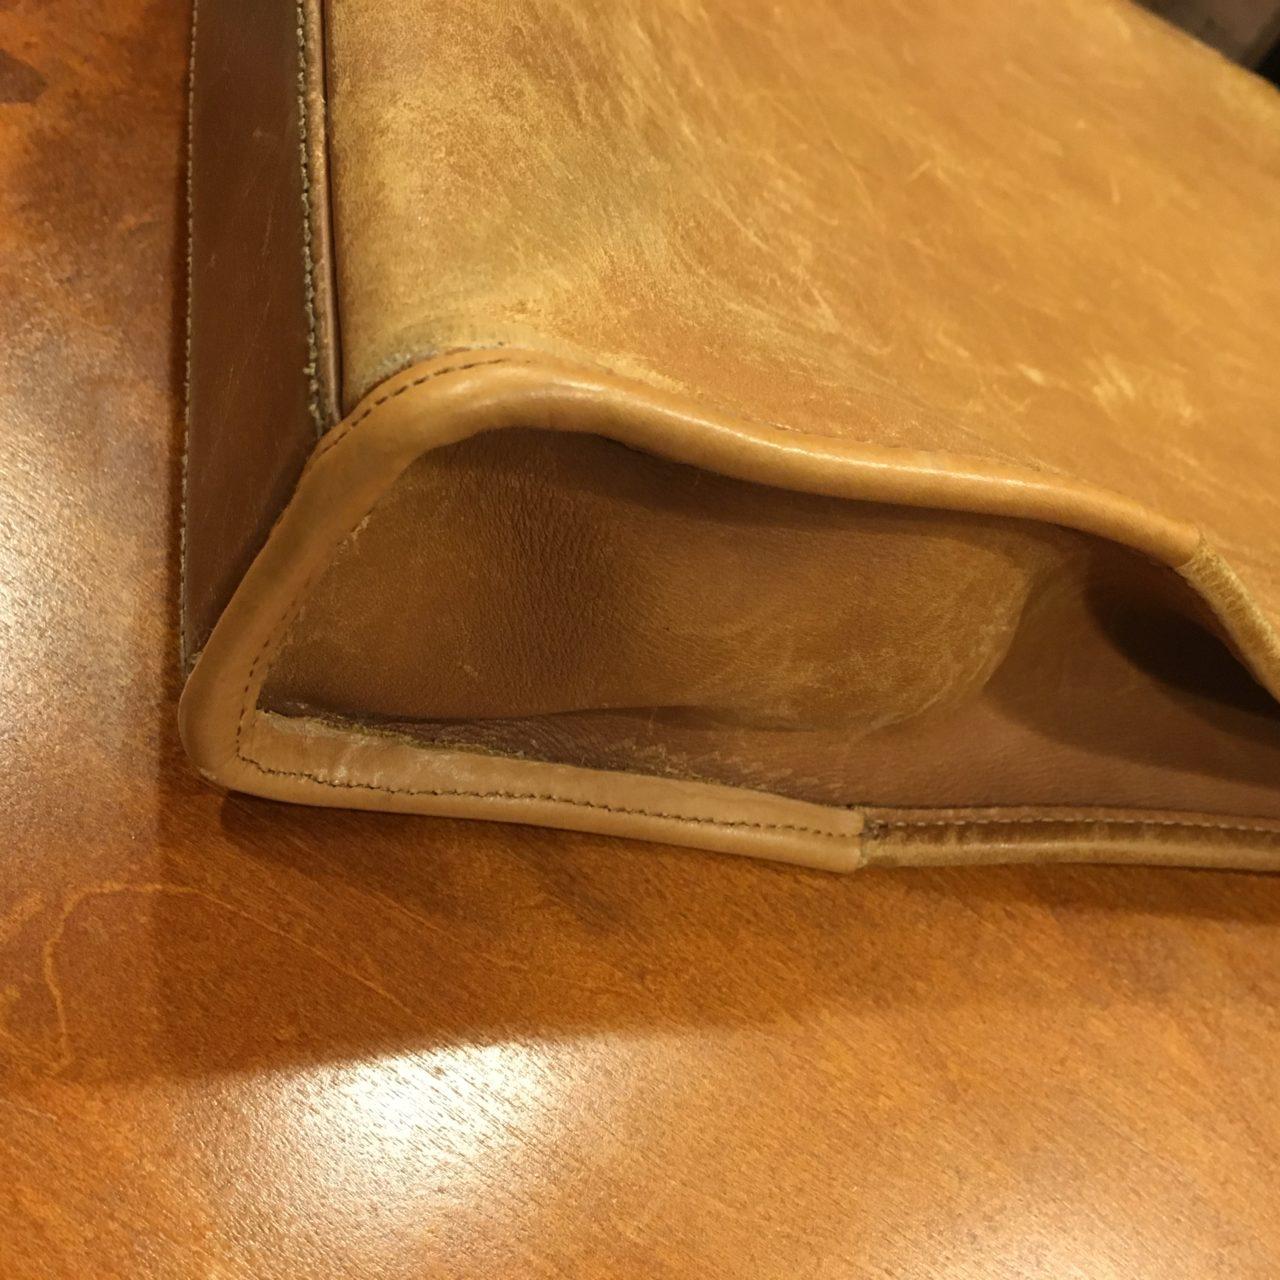 鞄のパイピング(角破れ)修理を行いました。